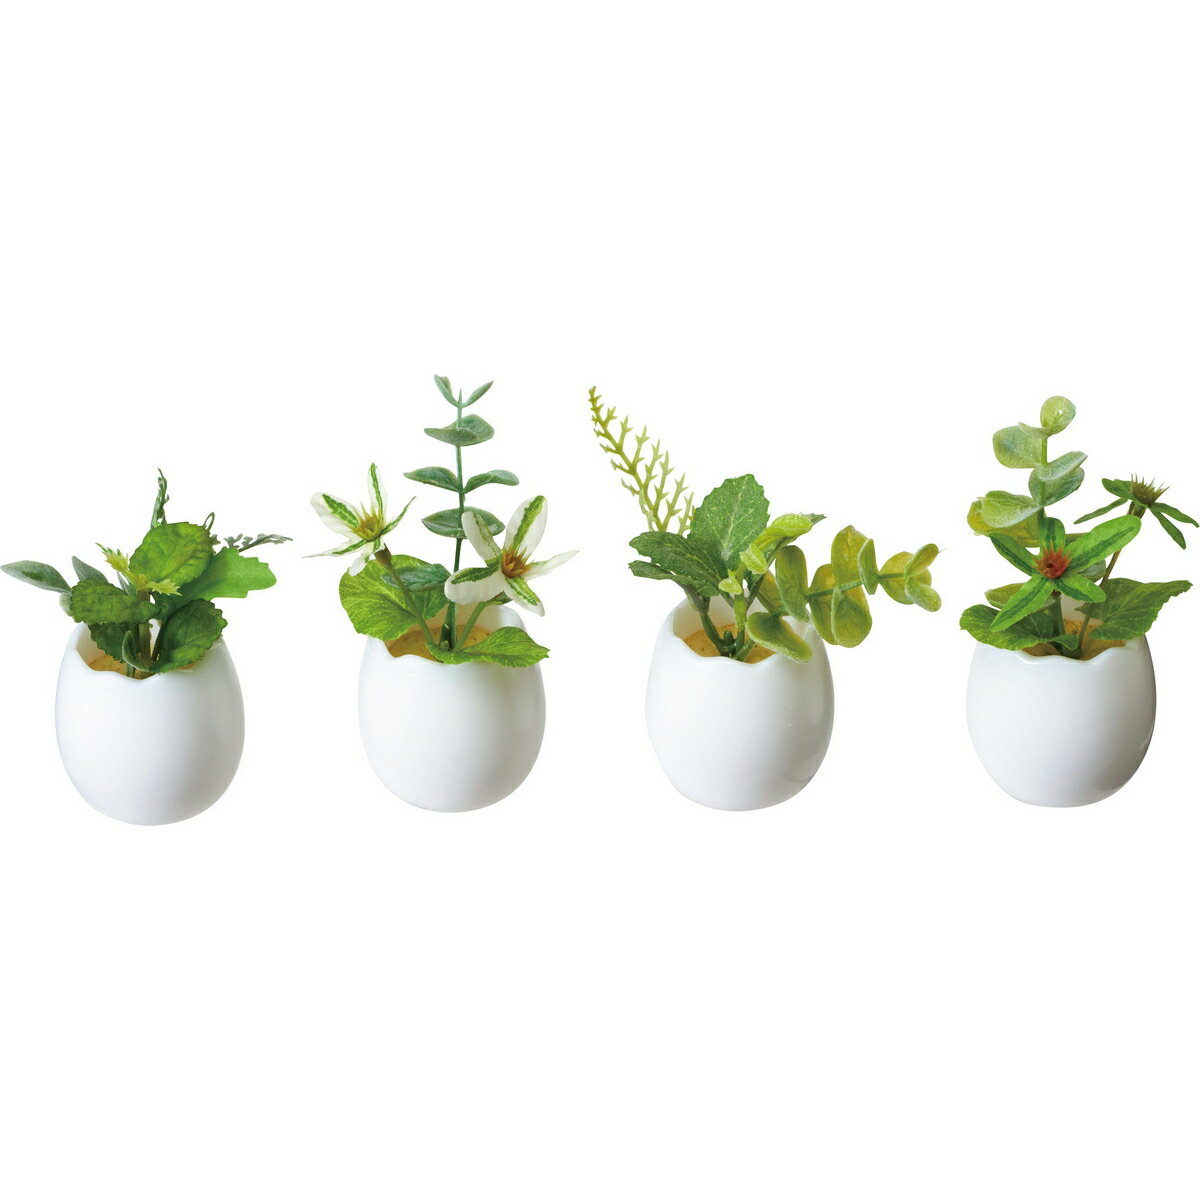 【造花】YDM/グリーンミックスエッグポット ※4種類のいずれか1つ。お選びいただけません。/GLA-1406-AST